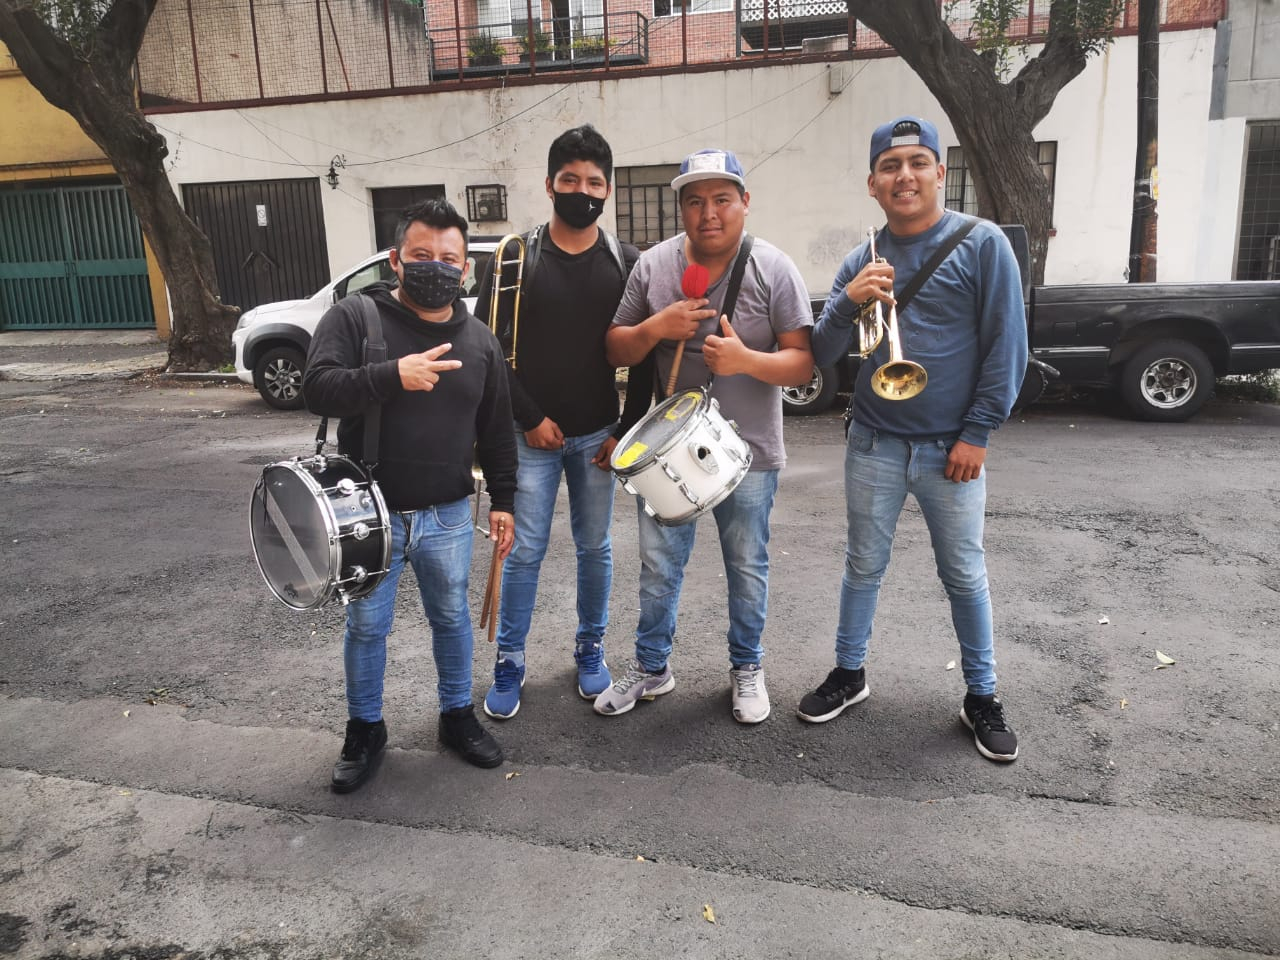 Del escenario a las calles: La historia de la banda sinaloense que está alegrando a la colonia Del Valle